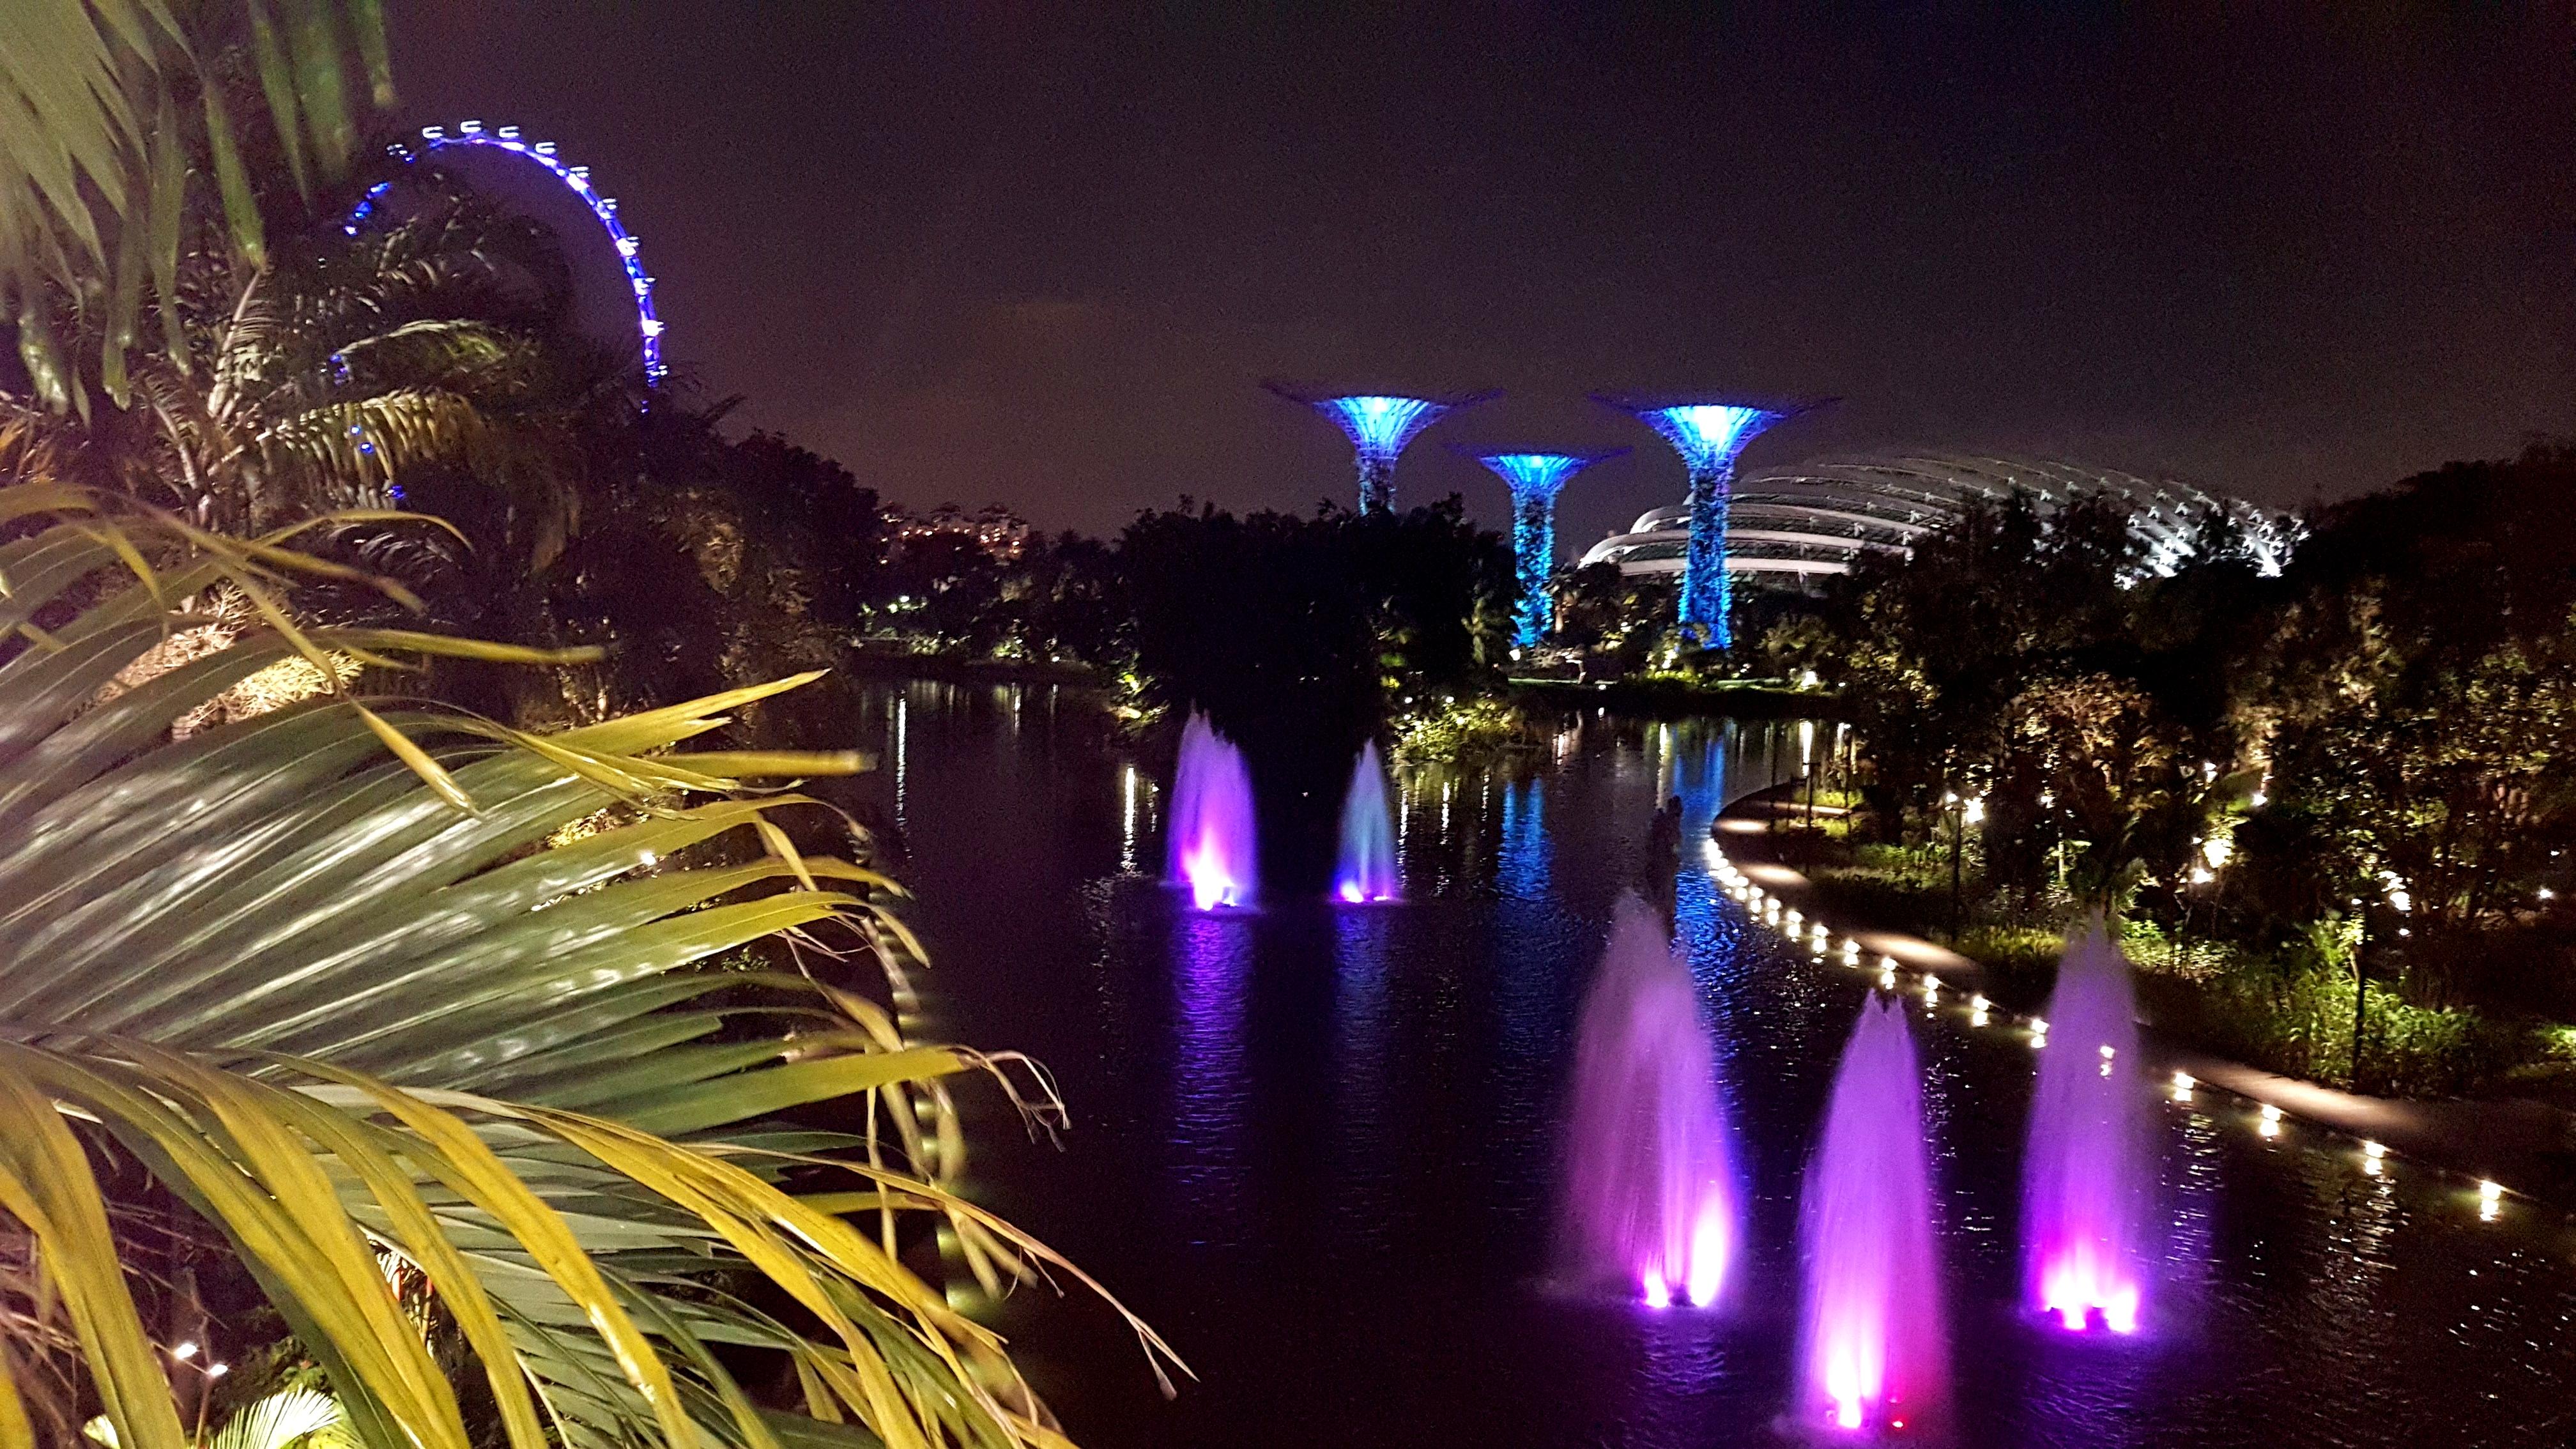 singapuras kolumbokeliones lt asmeninis archyvas 1